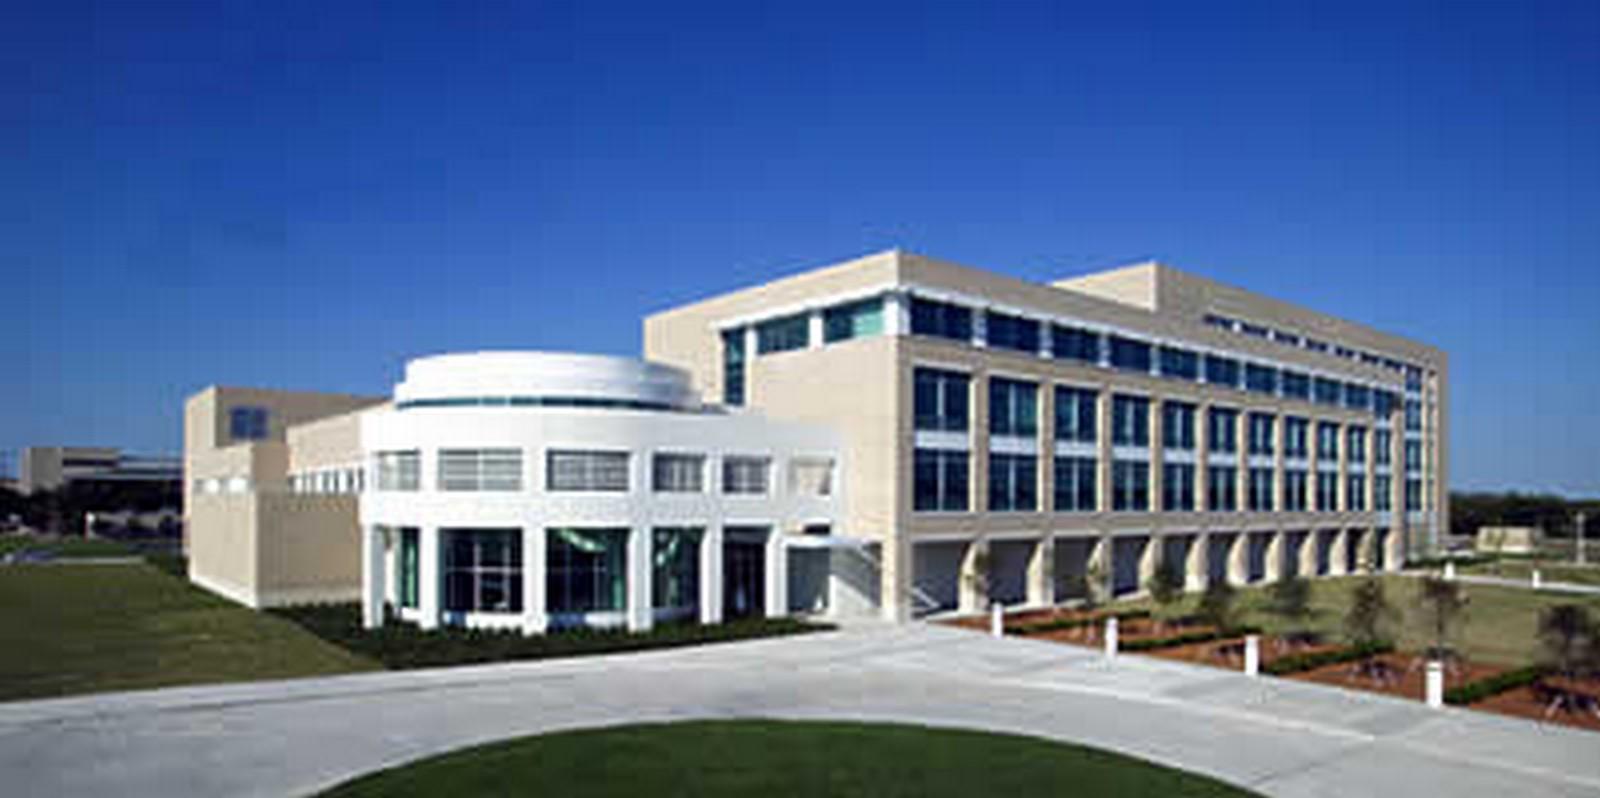 University of Texas at Dallas - Sheet1